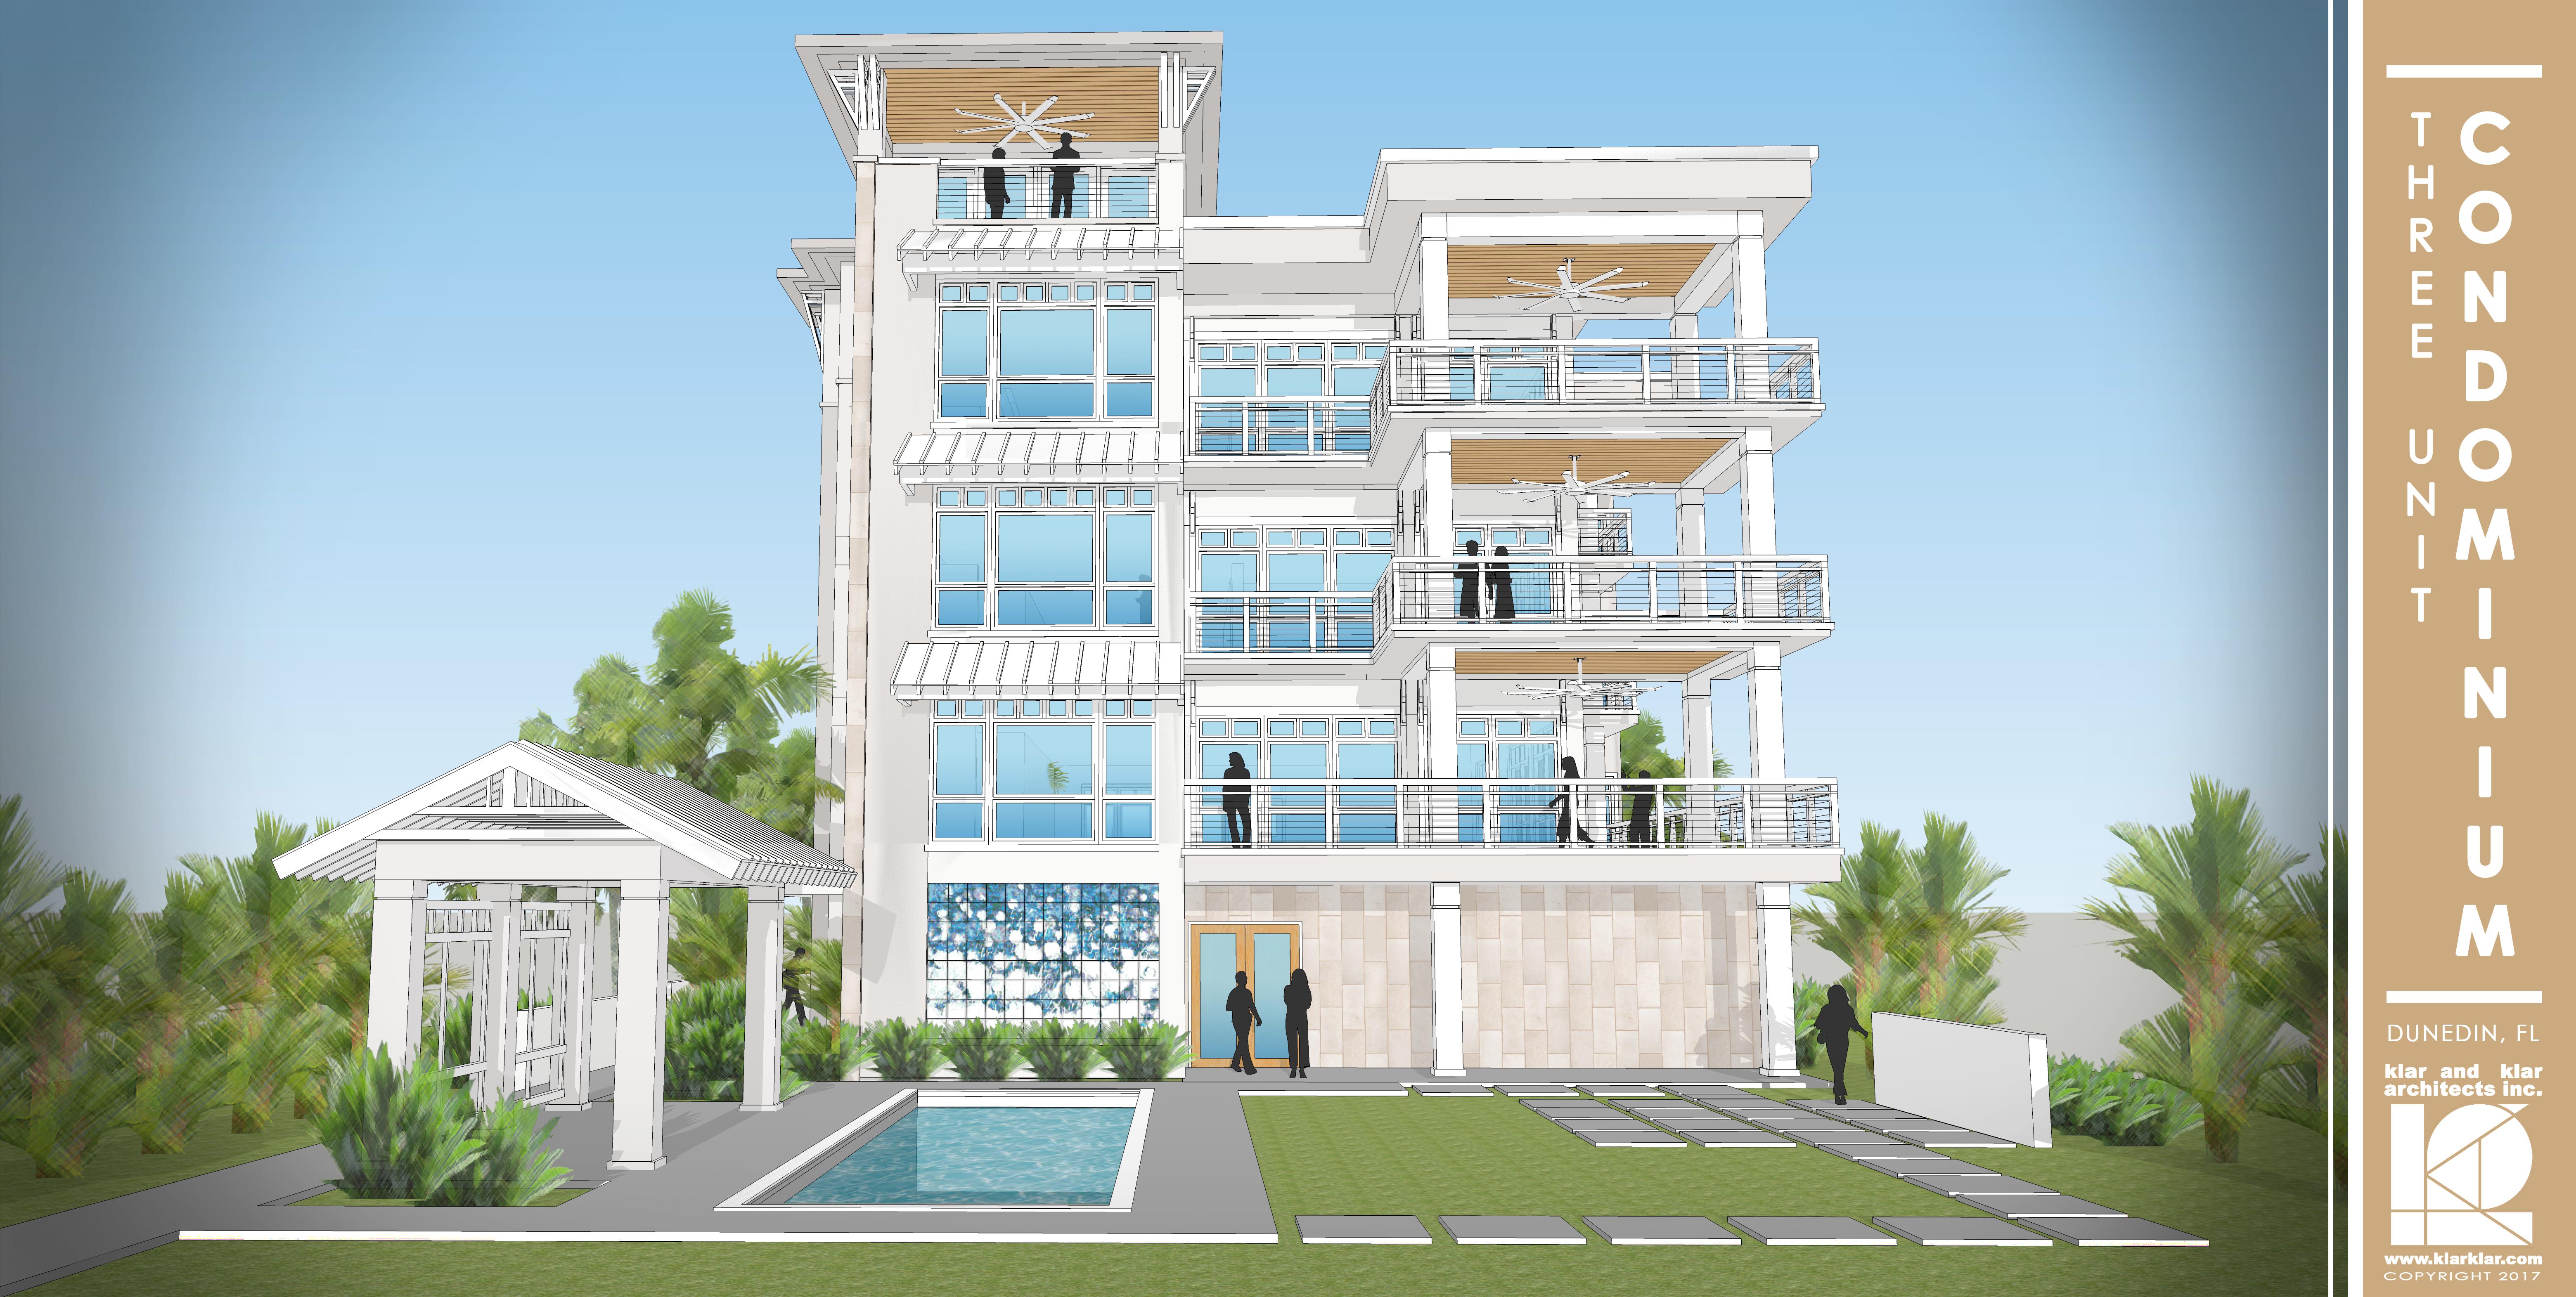 New Dunedin Condominium